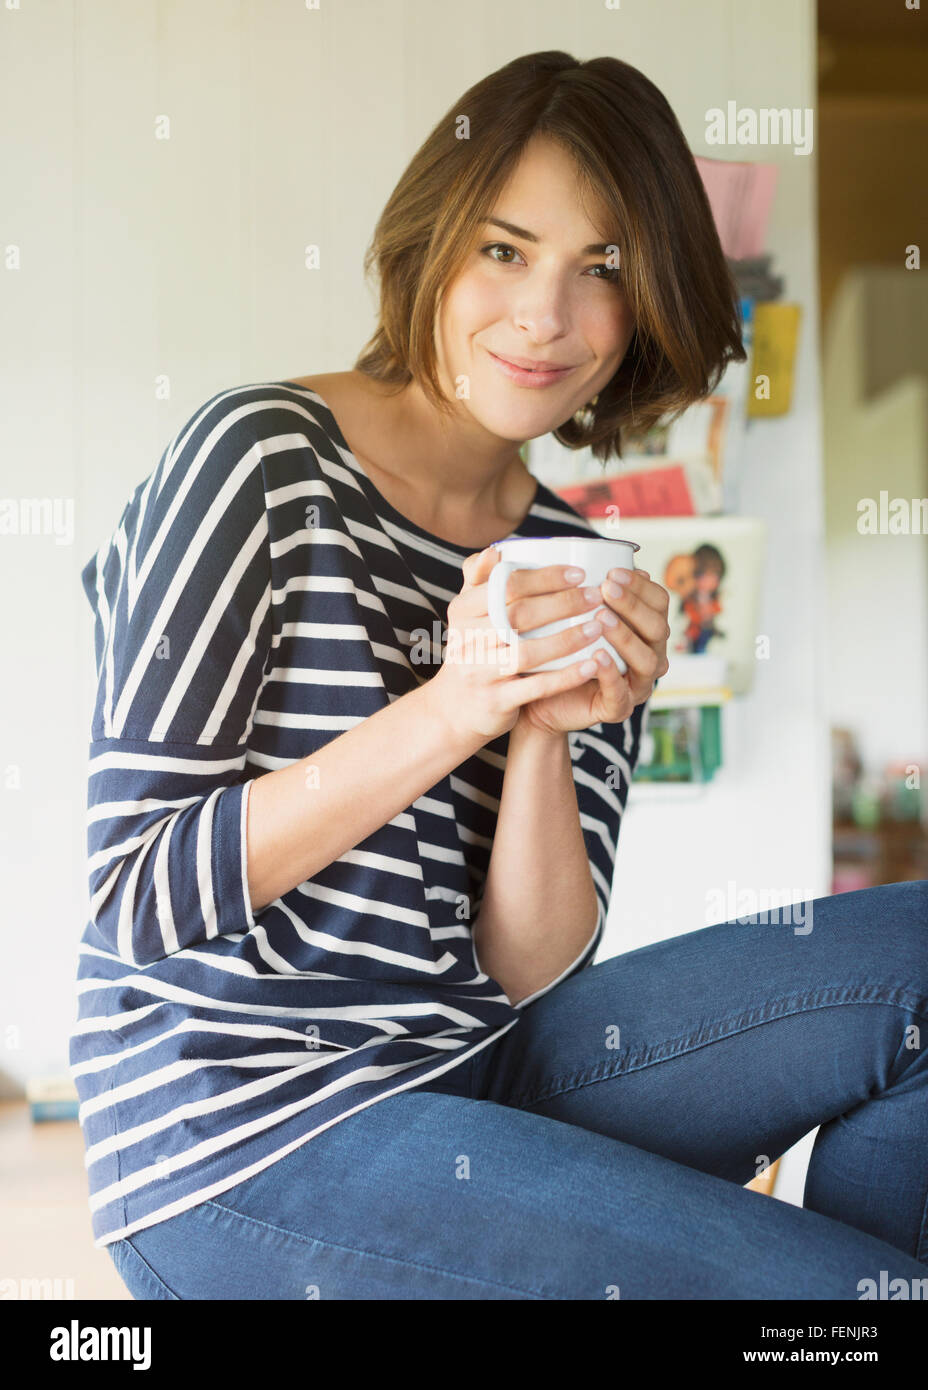 Porträt lächelnde Brünette Frau Kaffee trinken Stockbild